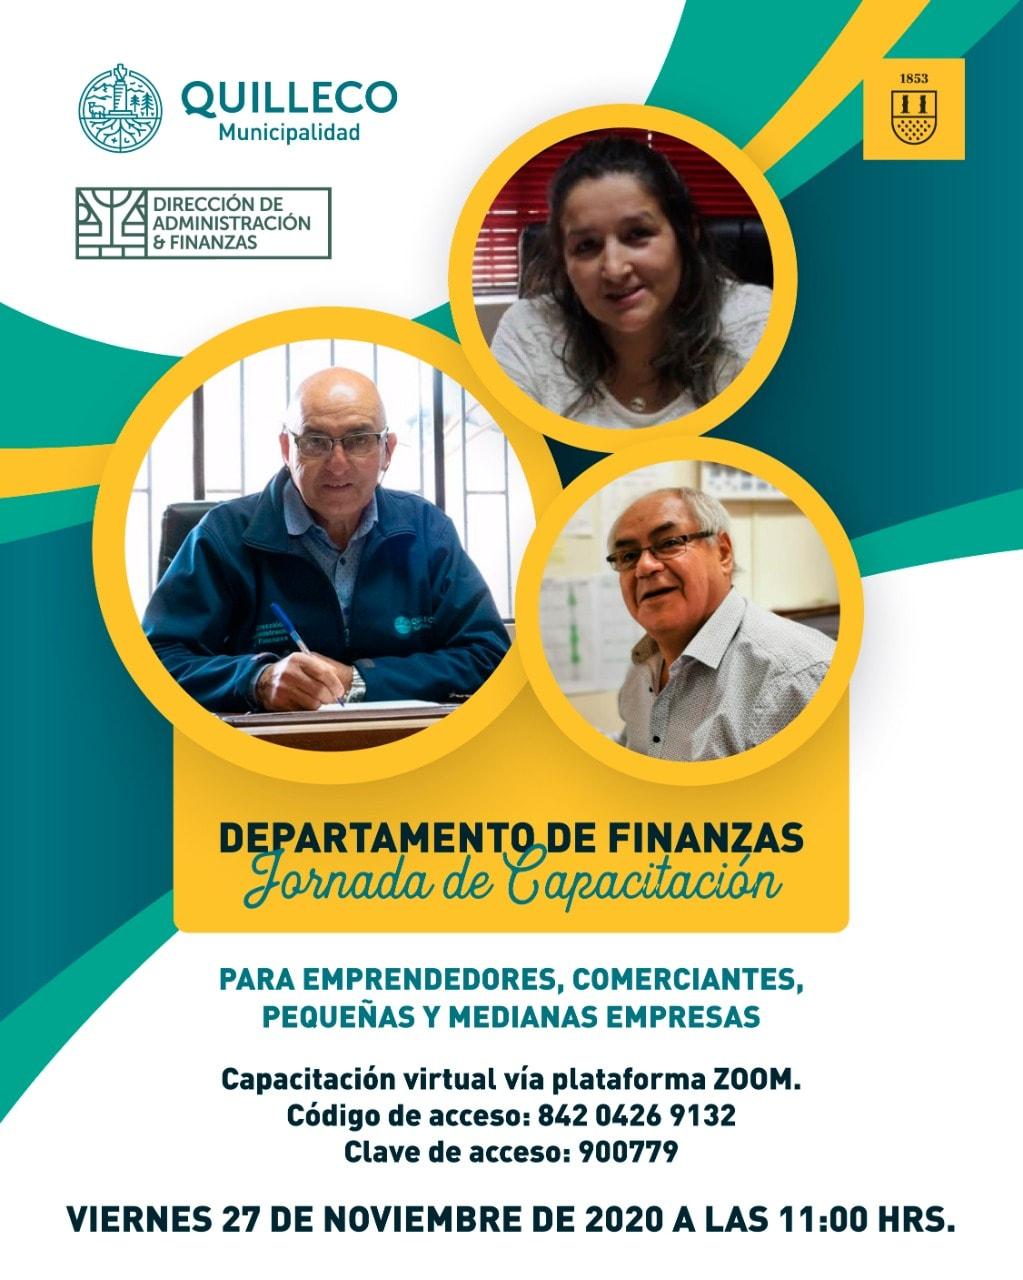 Jornada de capacitación sobre Trámites en Municipio Relativos al Área de la Recaudación y Procedimientos Administrativos